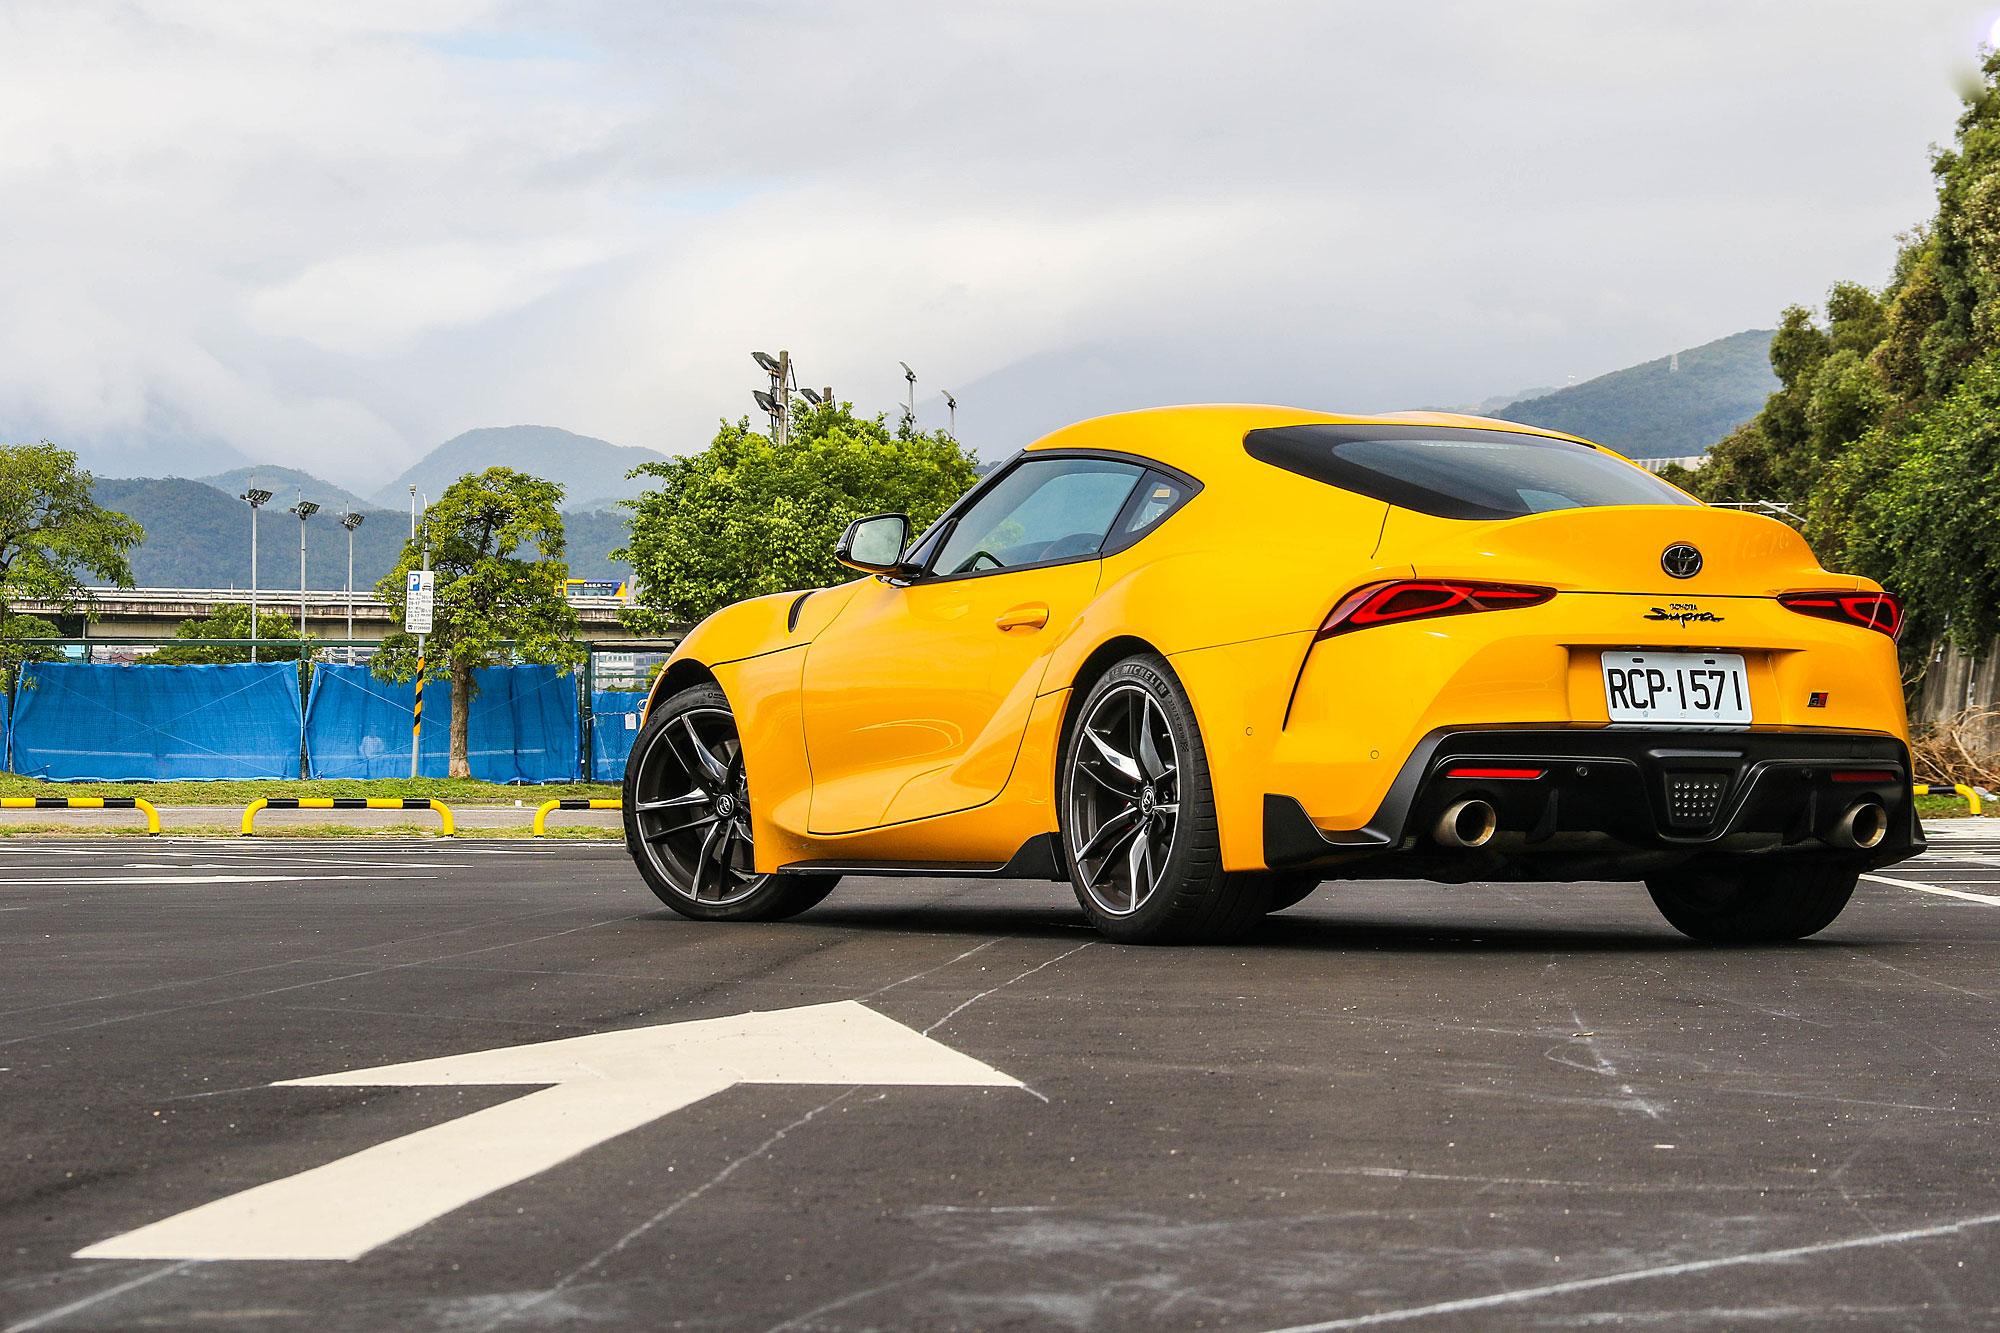 雖然是與 BMW 共同開發的結果,但兩者的造型風格卻截然不同。